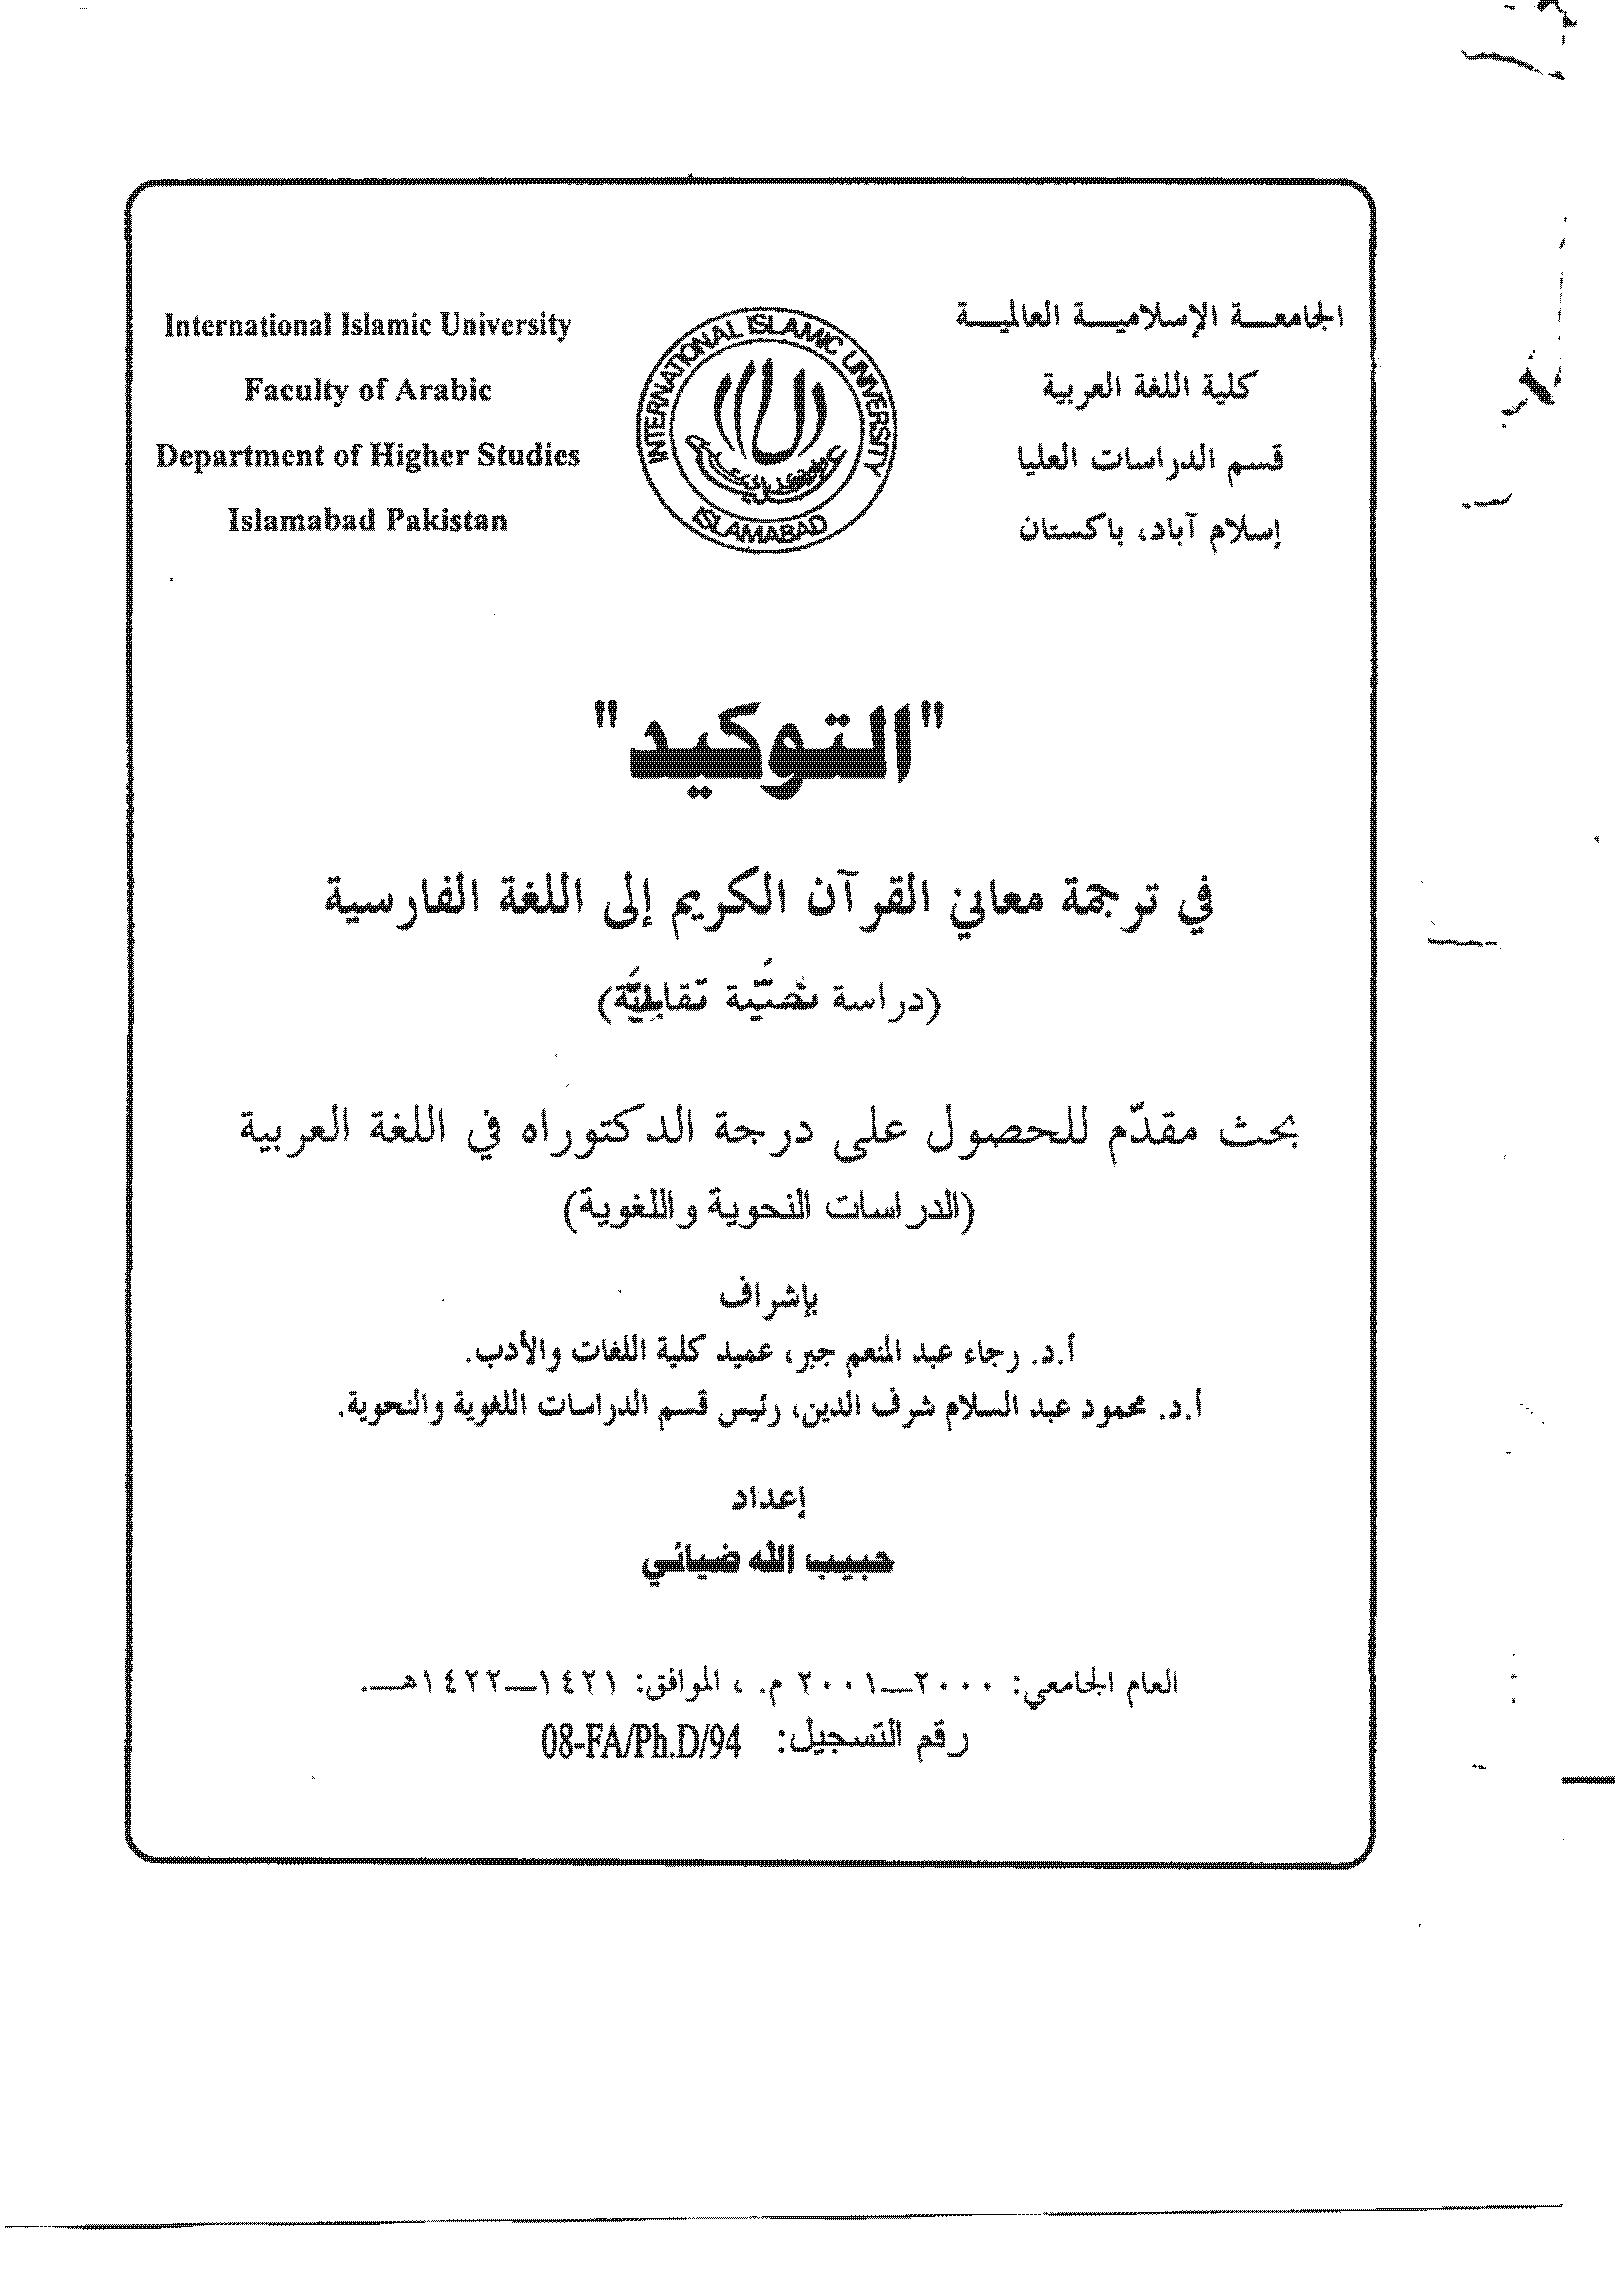 تحميل كتاب التوكيد في ترجمة معاني القرآن الكريم إلى اللغة الفارسية (دراسة نصية تقابلية) لـِ: الدكتور حبيب الله ضيائي